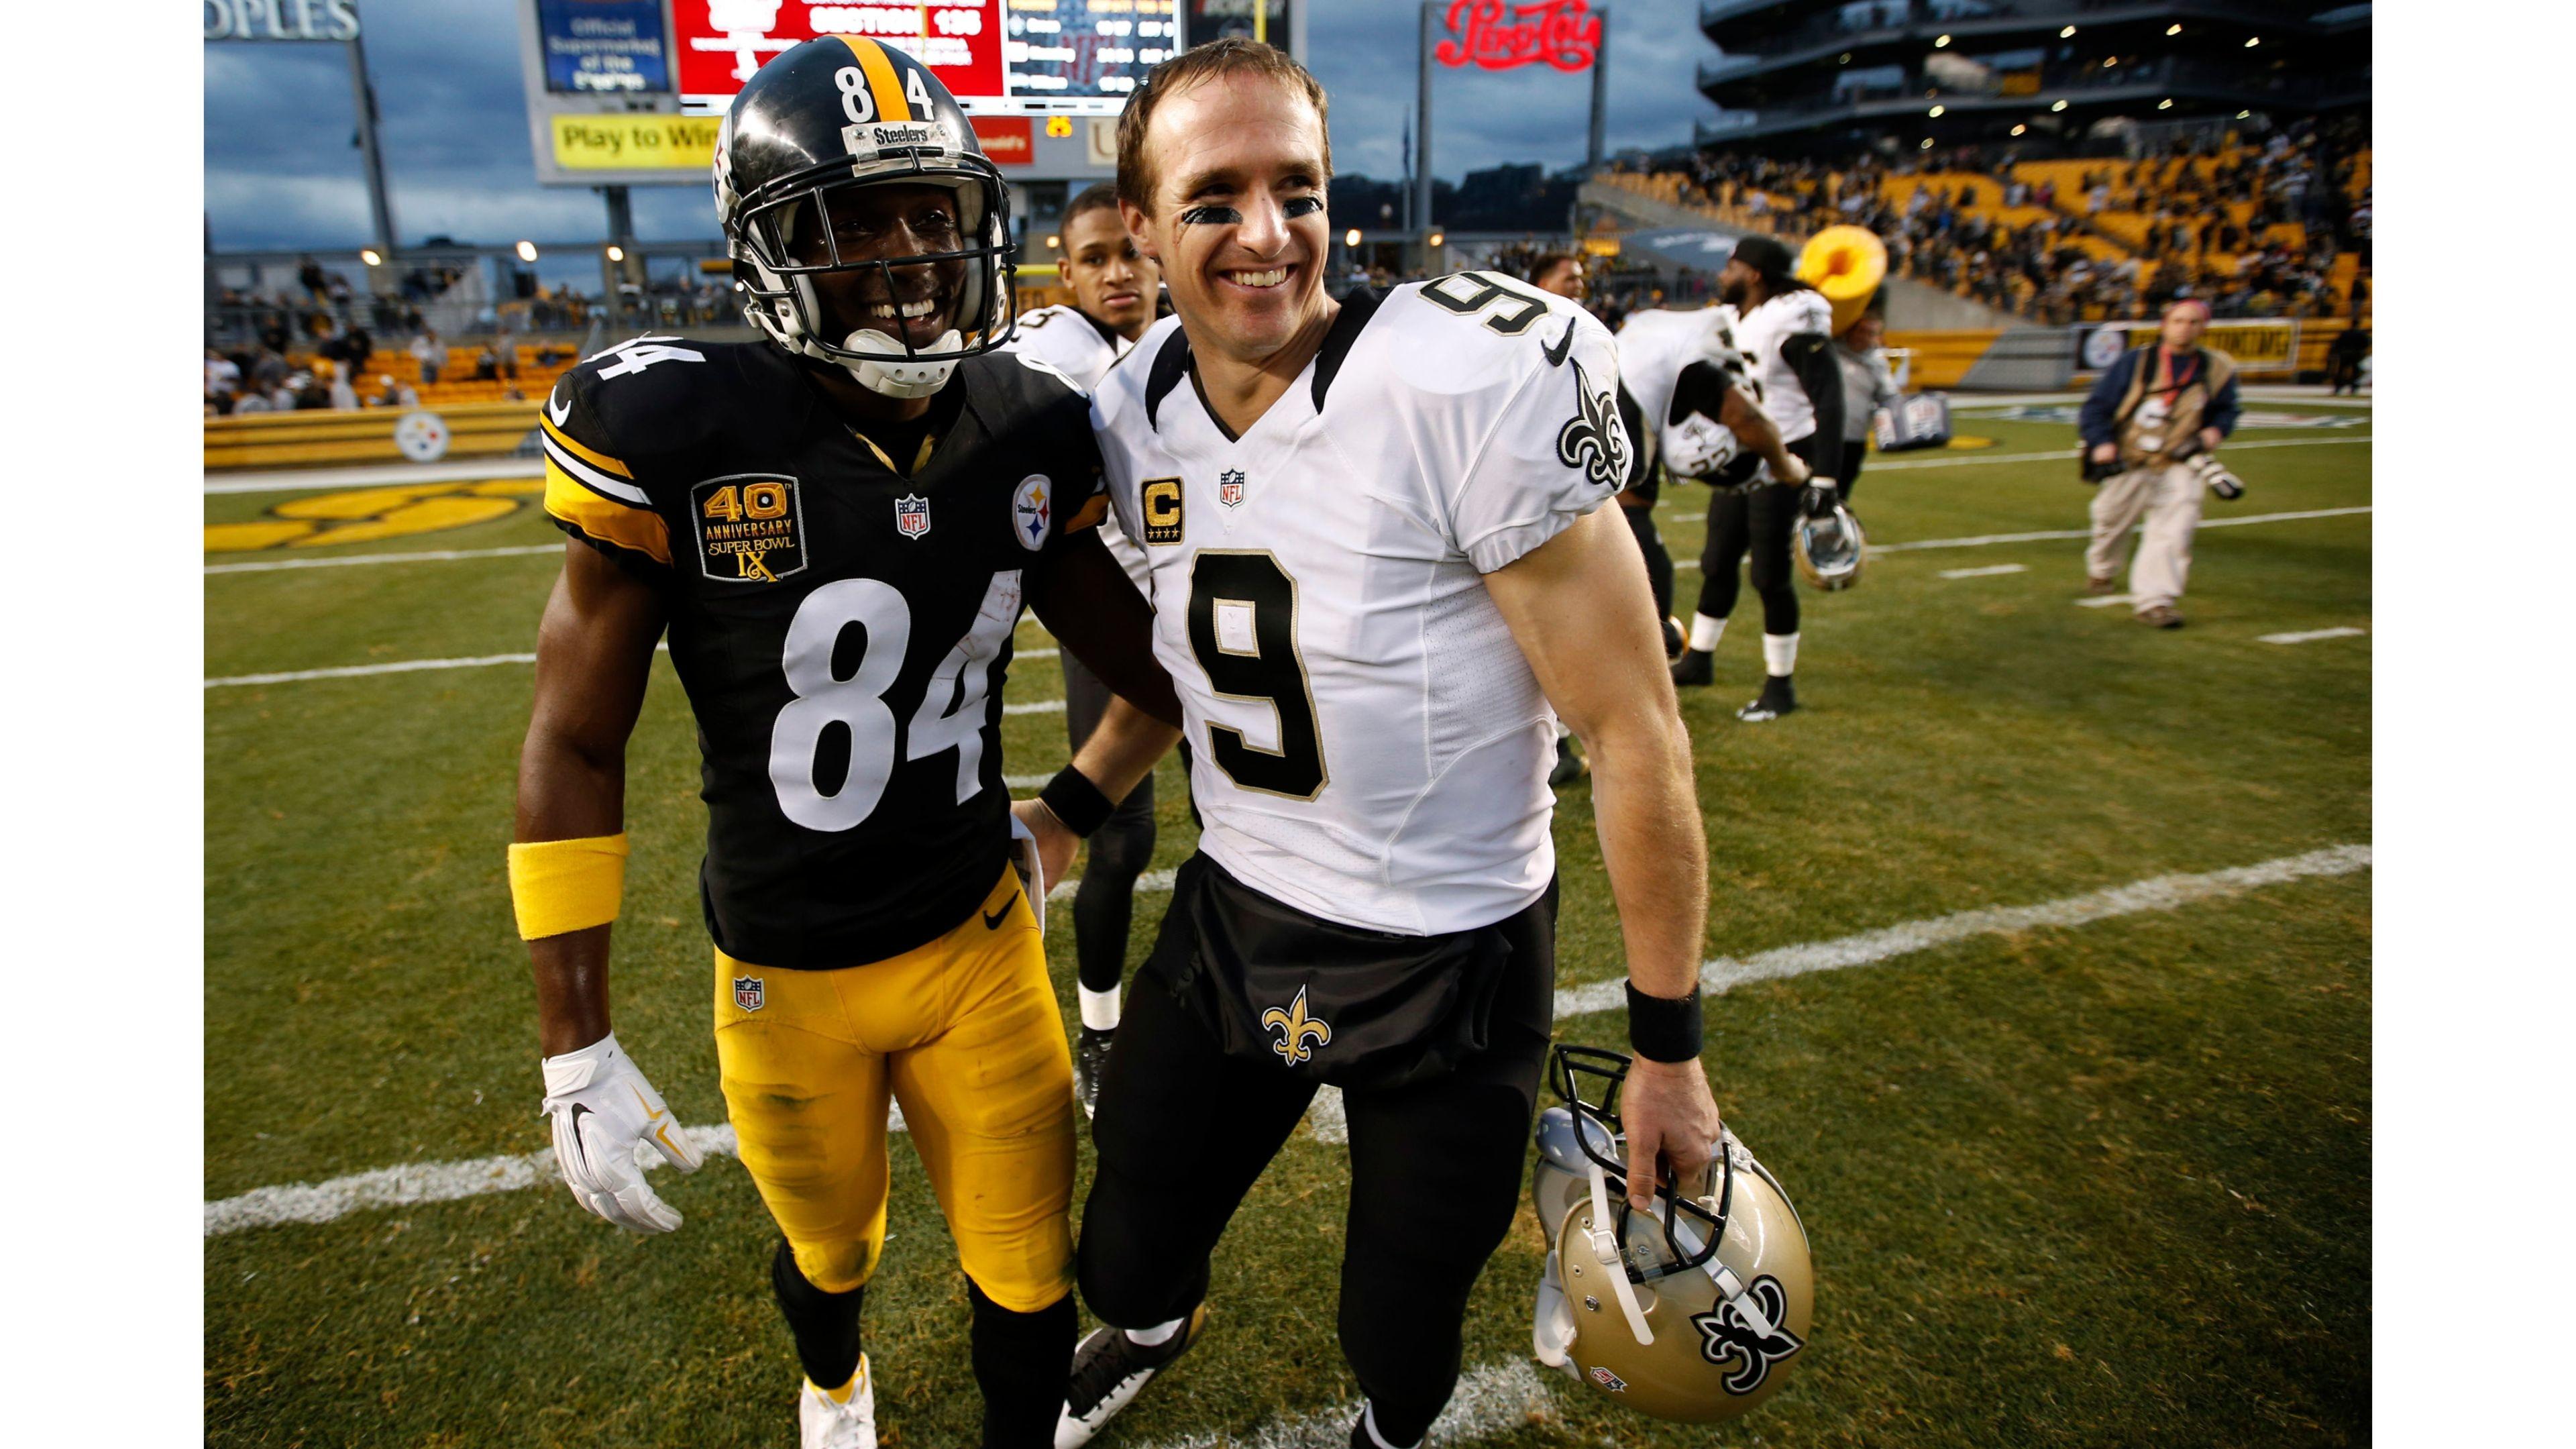 Steelers vs Drew Brees 4K Wallpapers